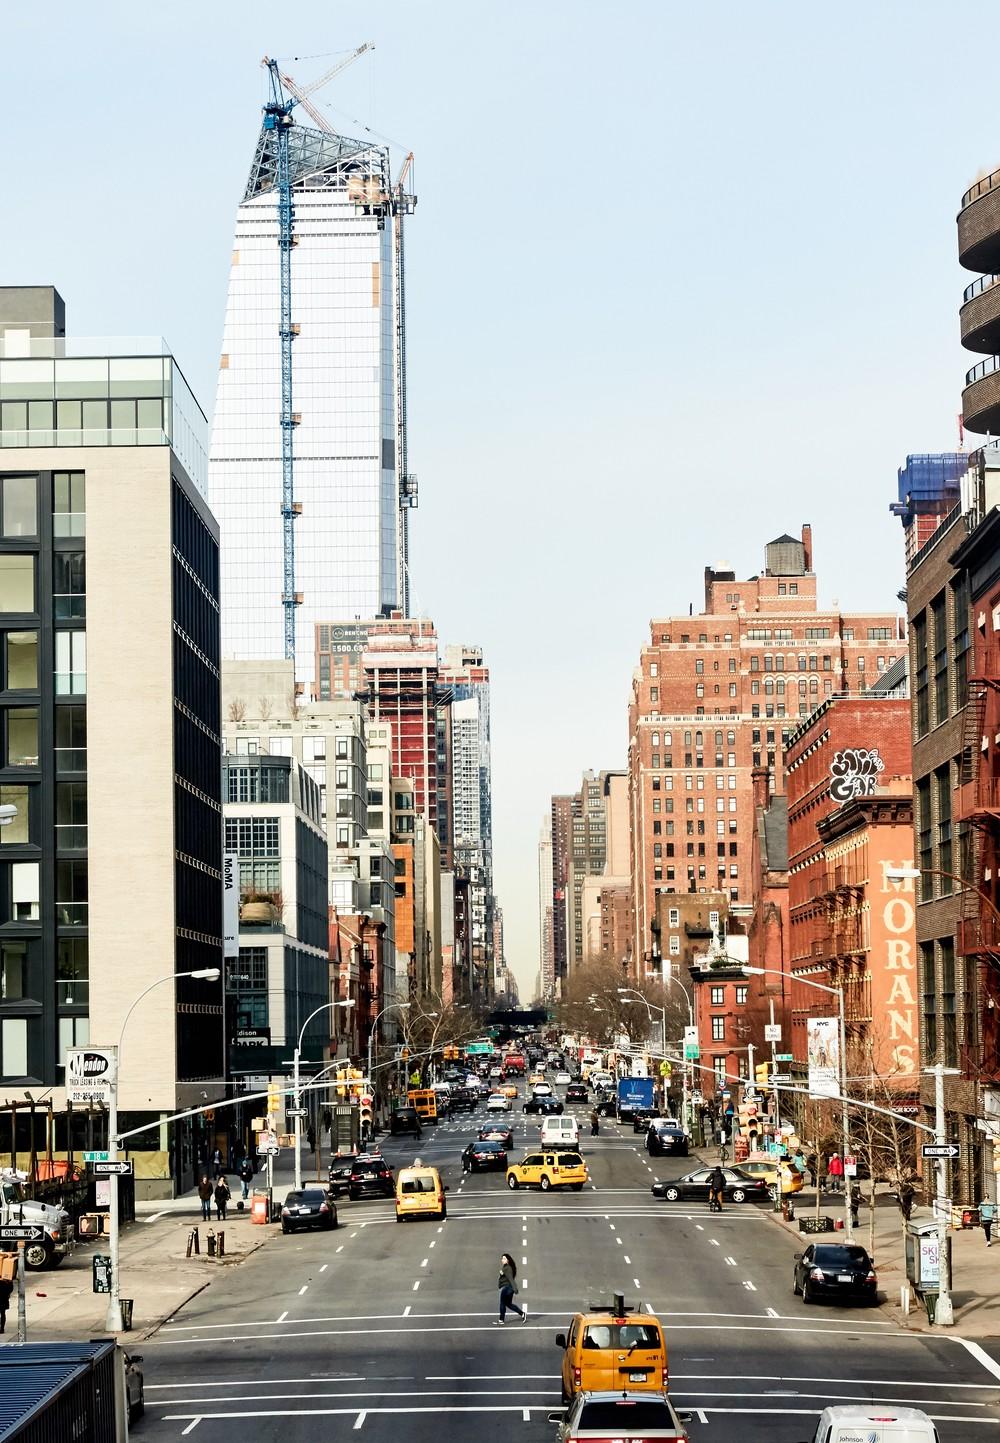 ChelseaStreet.jpg